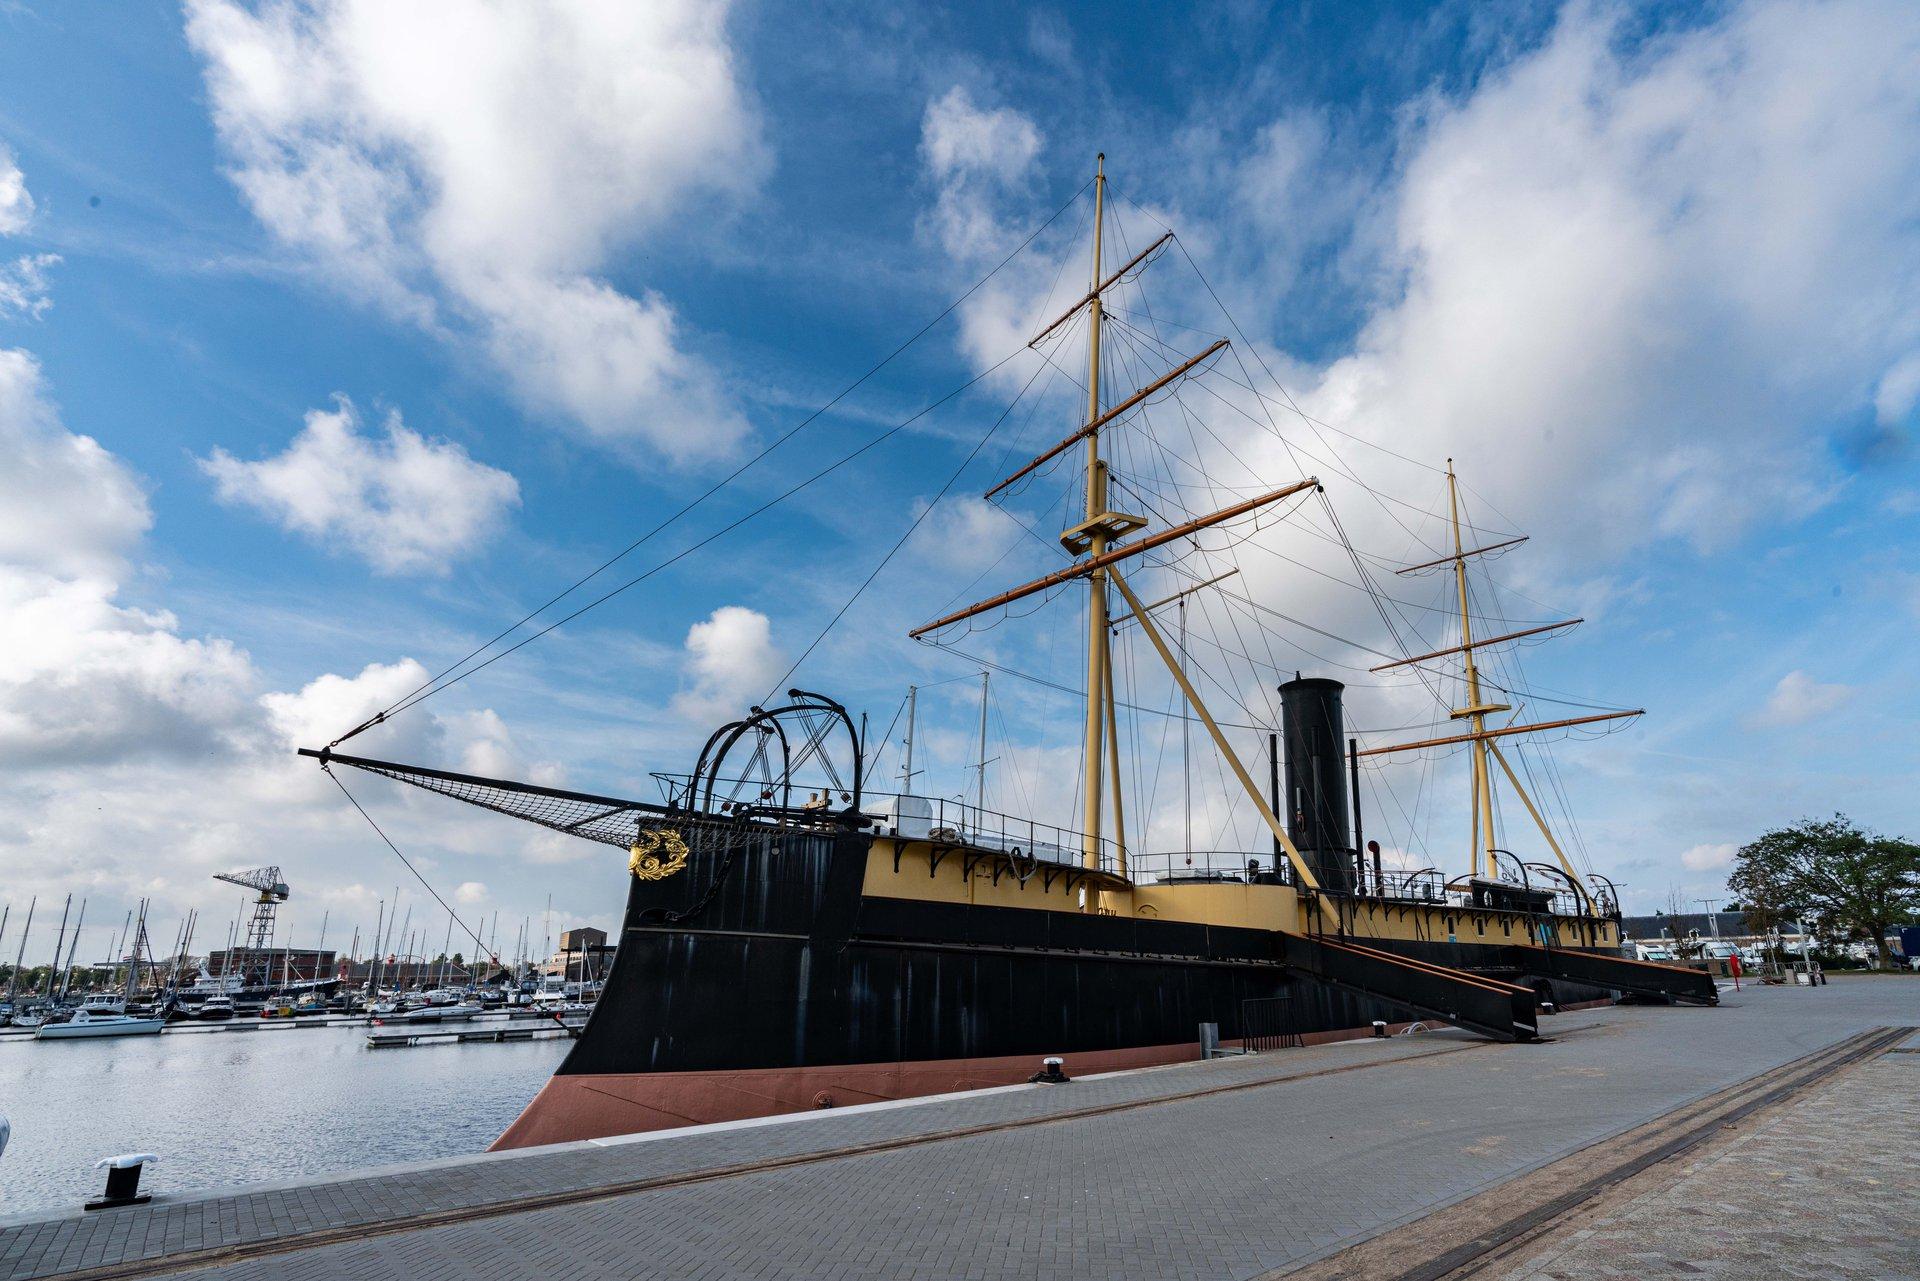 Dag van de geschiedenis Aalsmeer en Kudelstaart - 12 oktober 2019